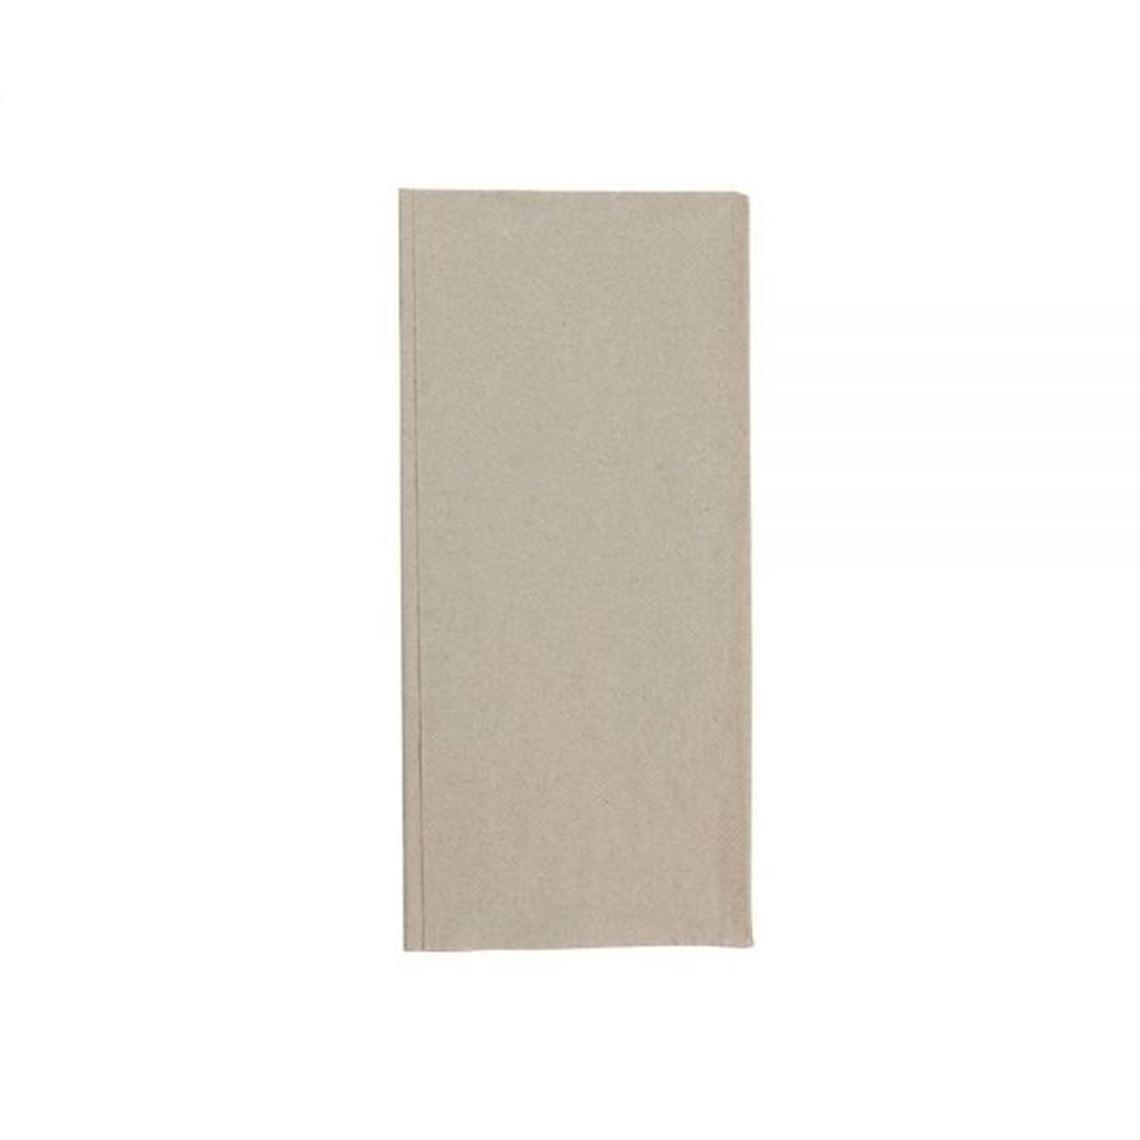 rPapier-Handtücher 21 x 22,5 cm, 2-lagig, Z-Faltung, ungebleicht